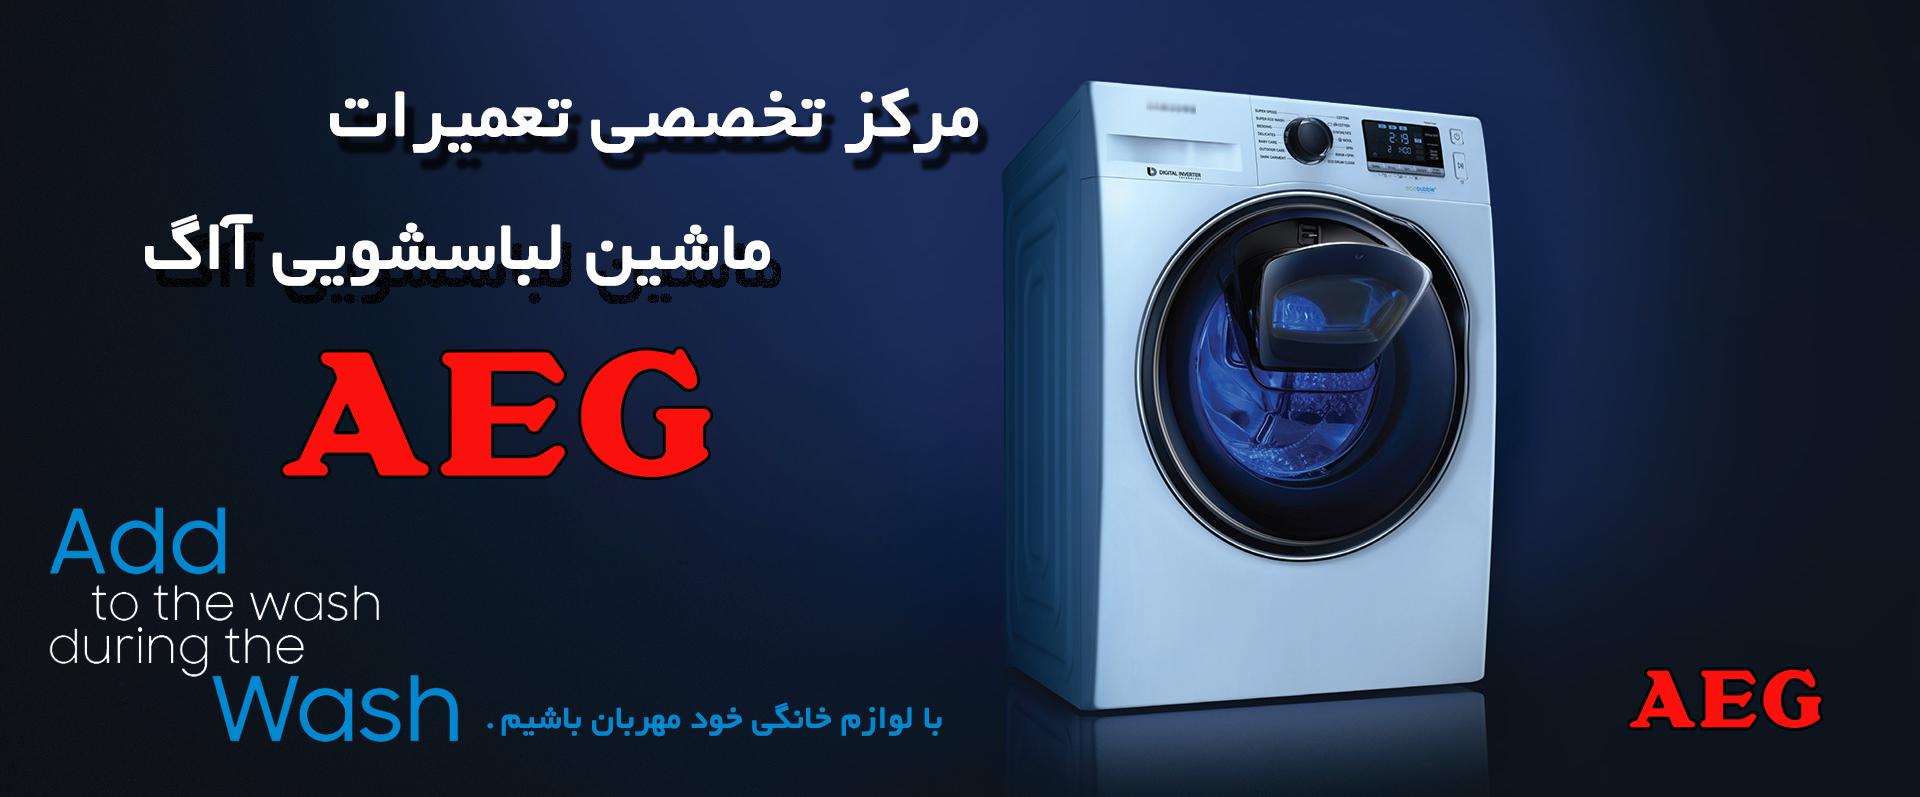 نمایندگی مجاز تعمیرات ماشین لباسشویی آاگ